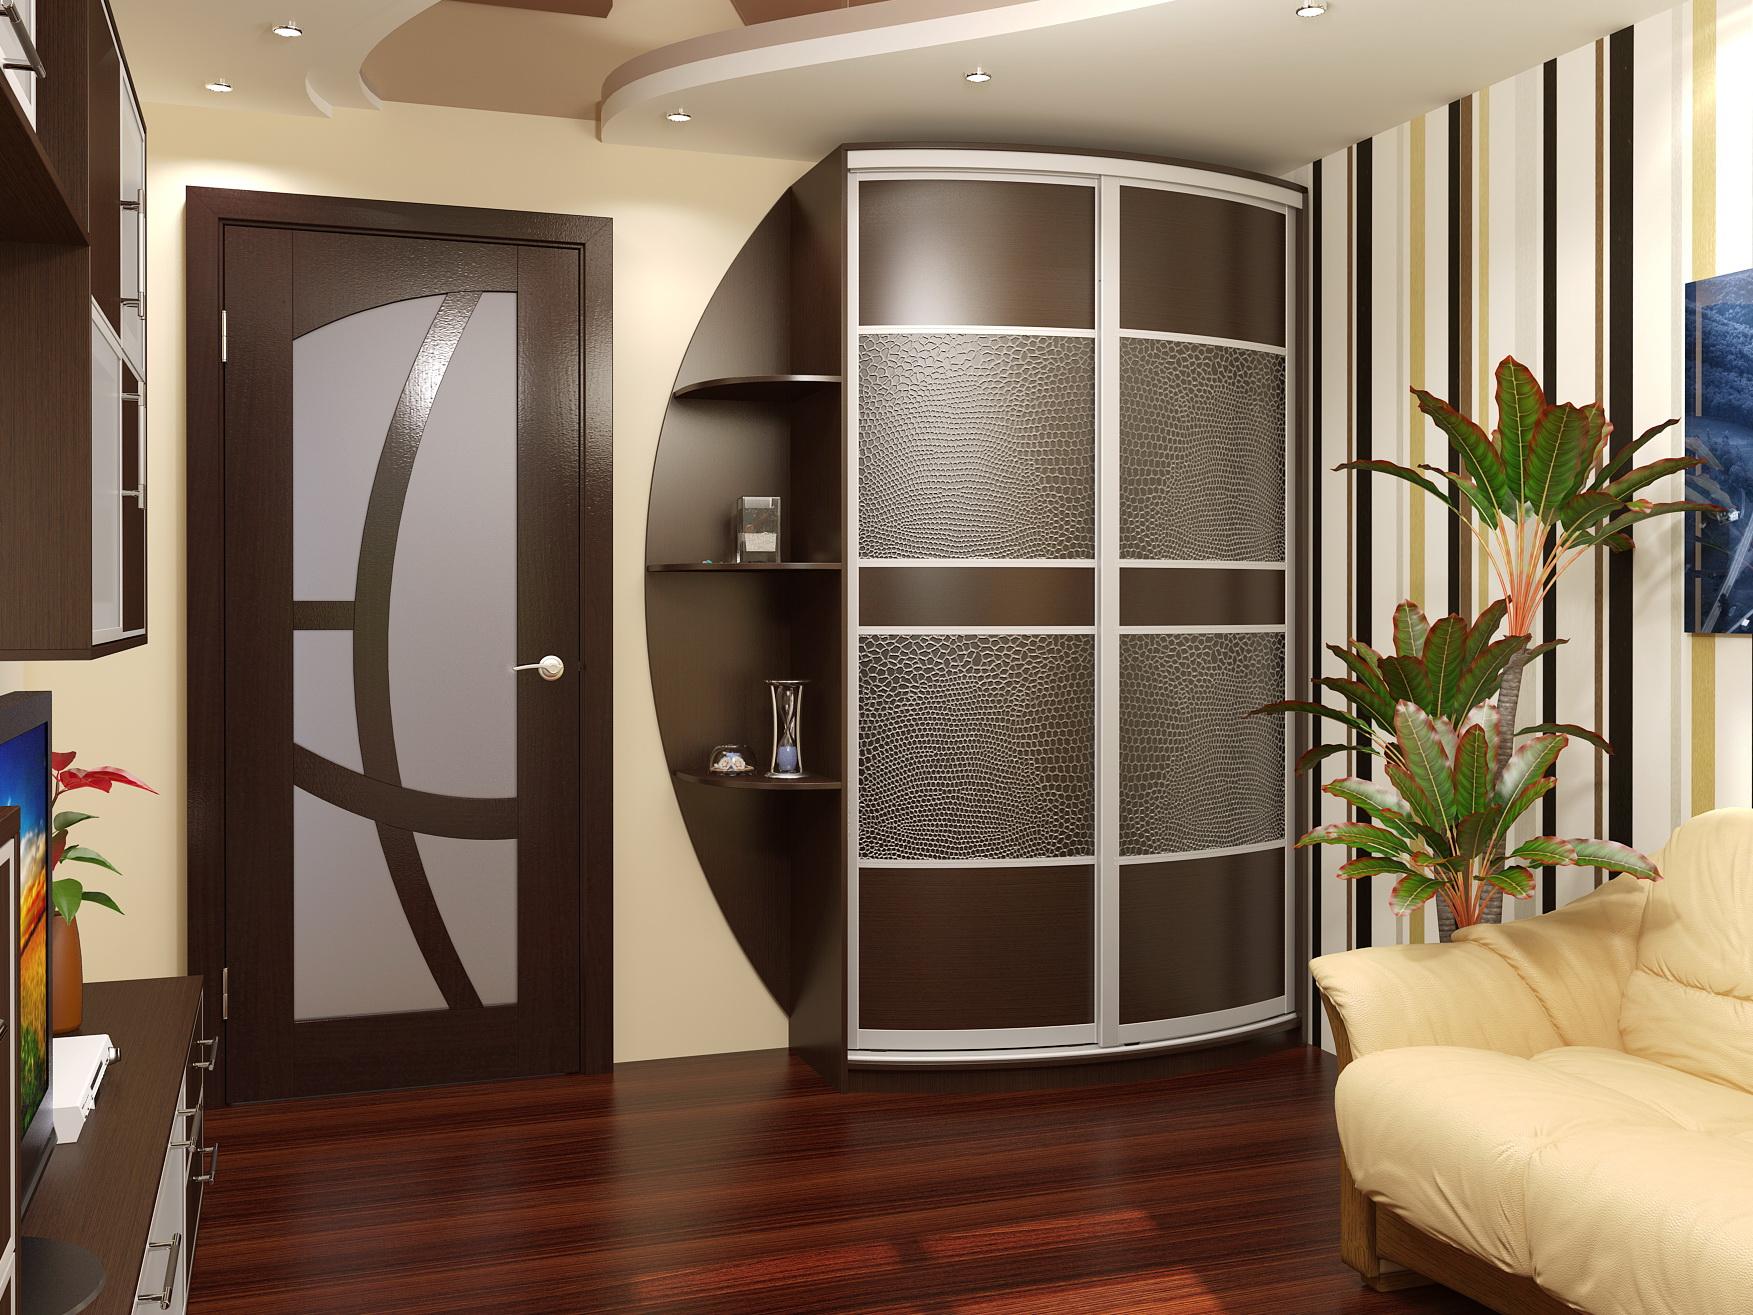 Шкаф-купе в прихожую: 170+ фото дизайна и идей - modernplace.